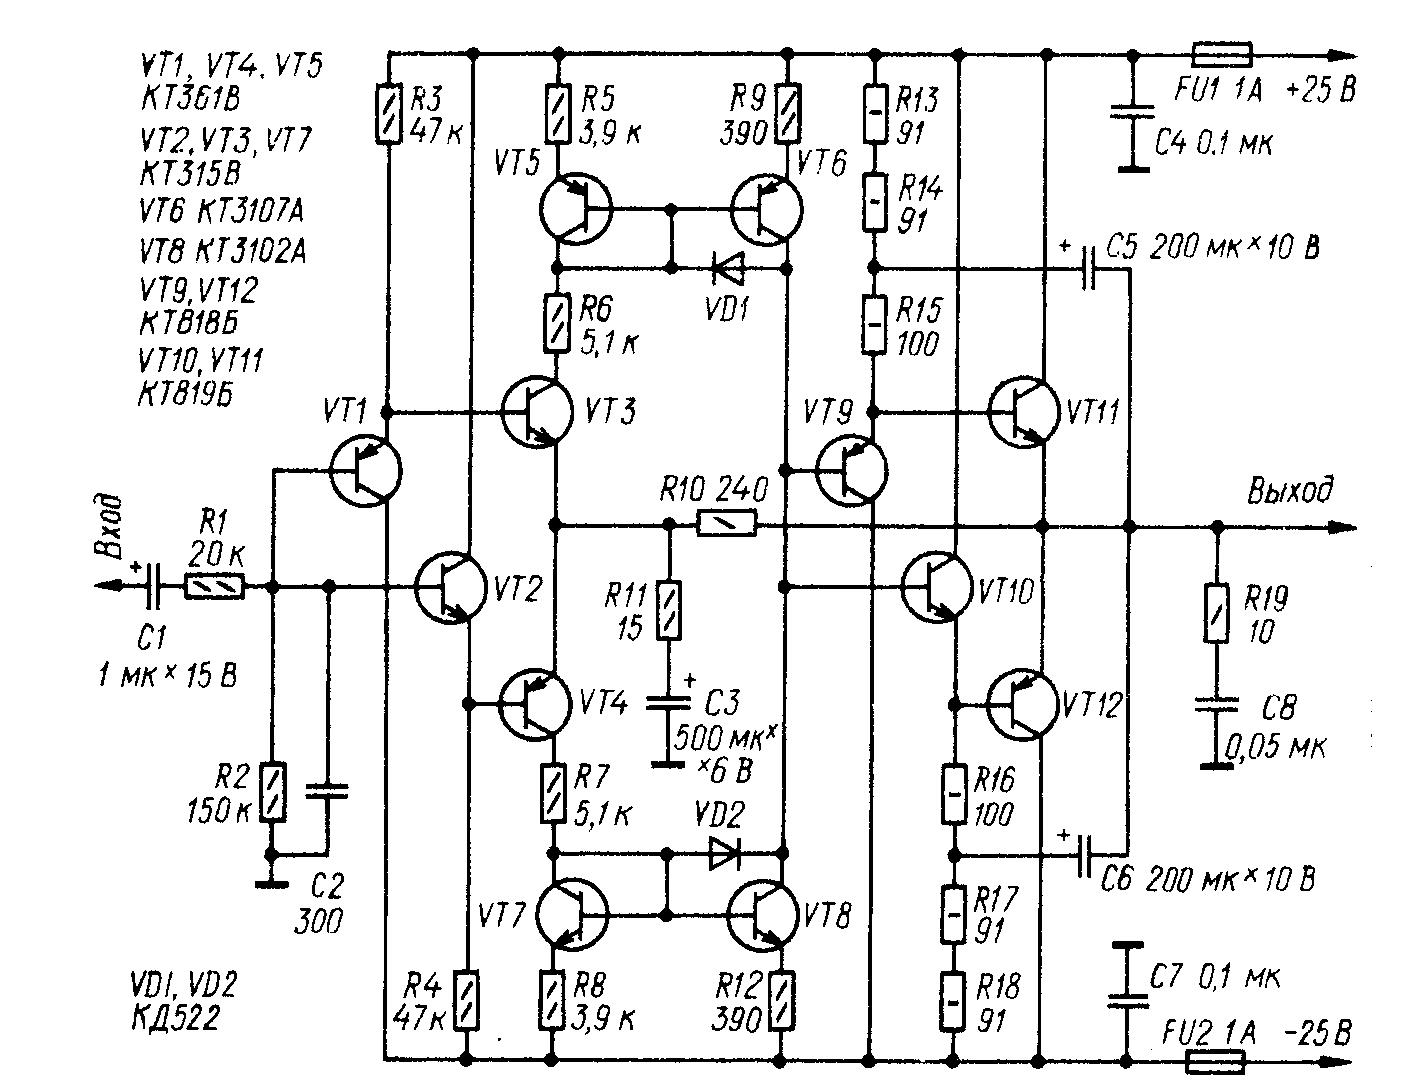 Ampl 27 Electronics Stuff In 2018 Pinterest Amp Mosfet Amplifier Otl 100w By K1058j162 Projects Tile